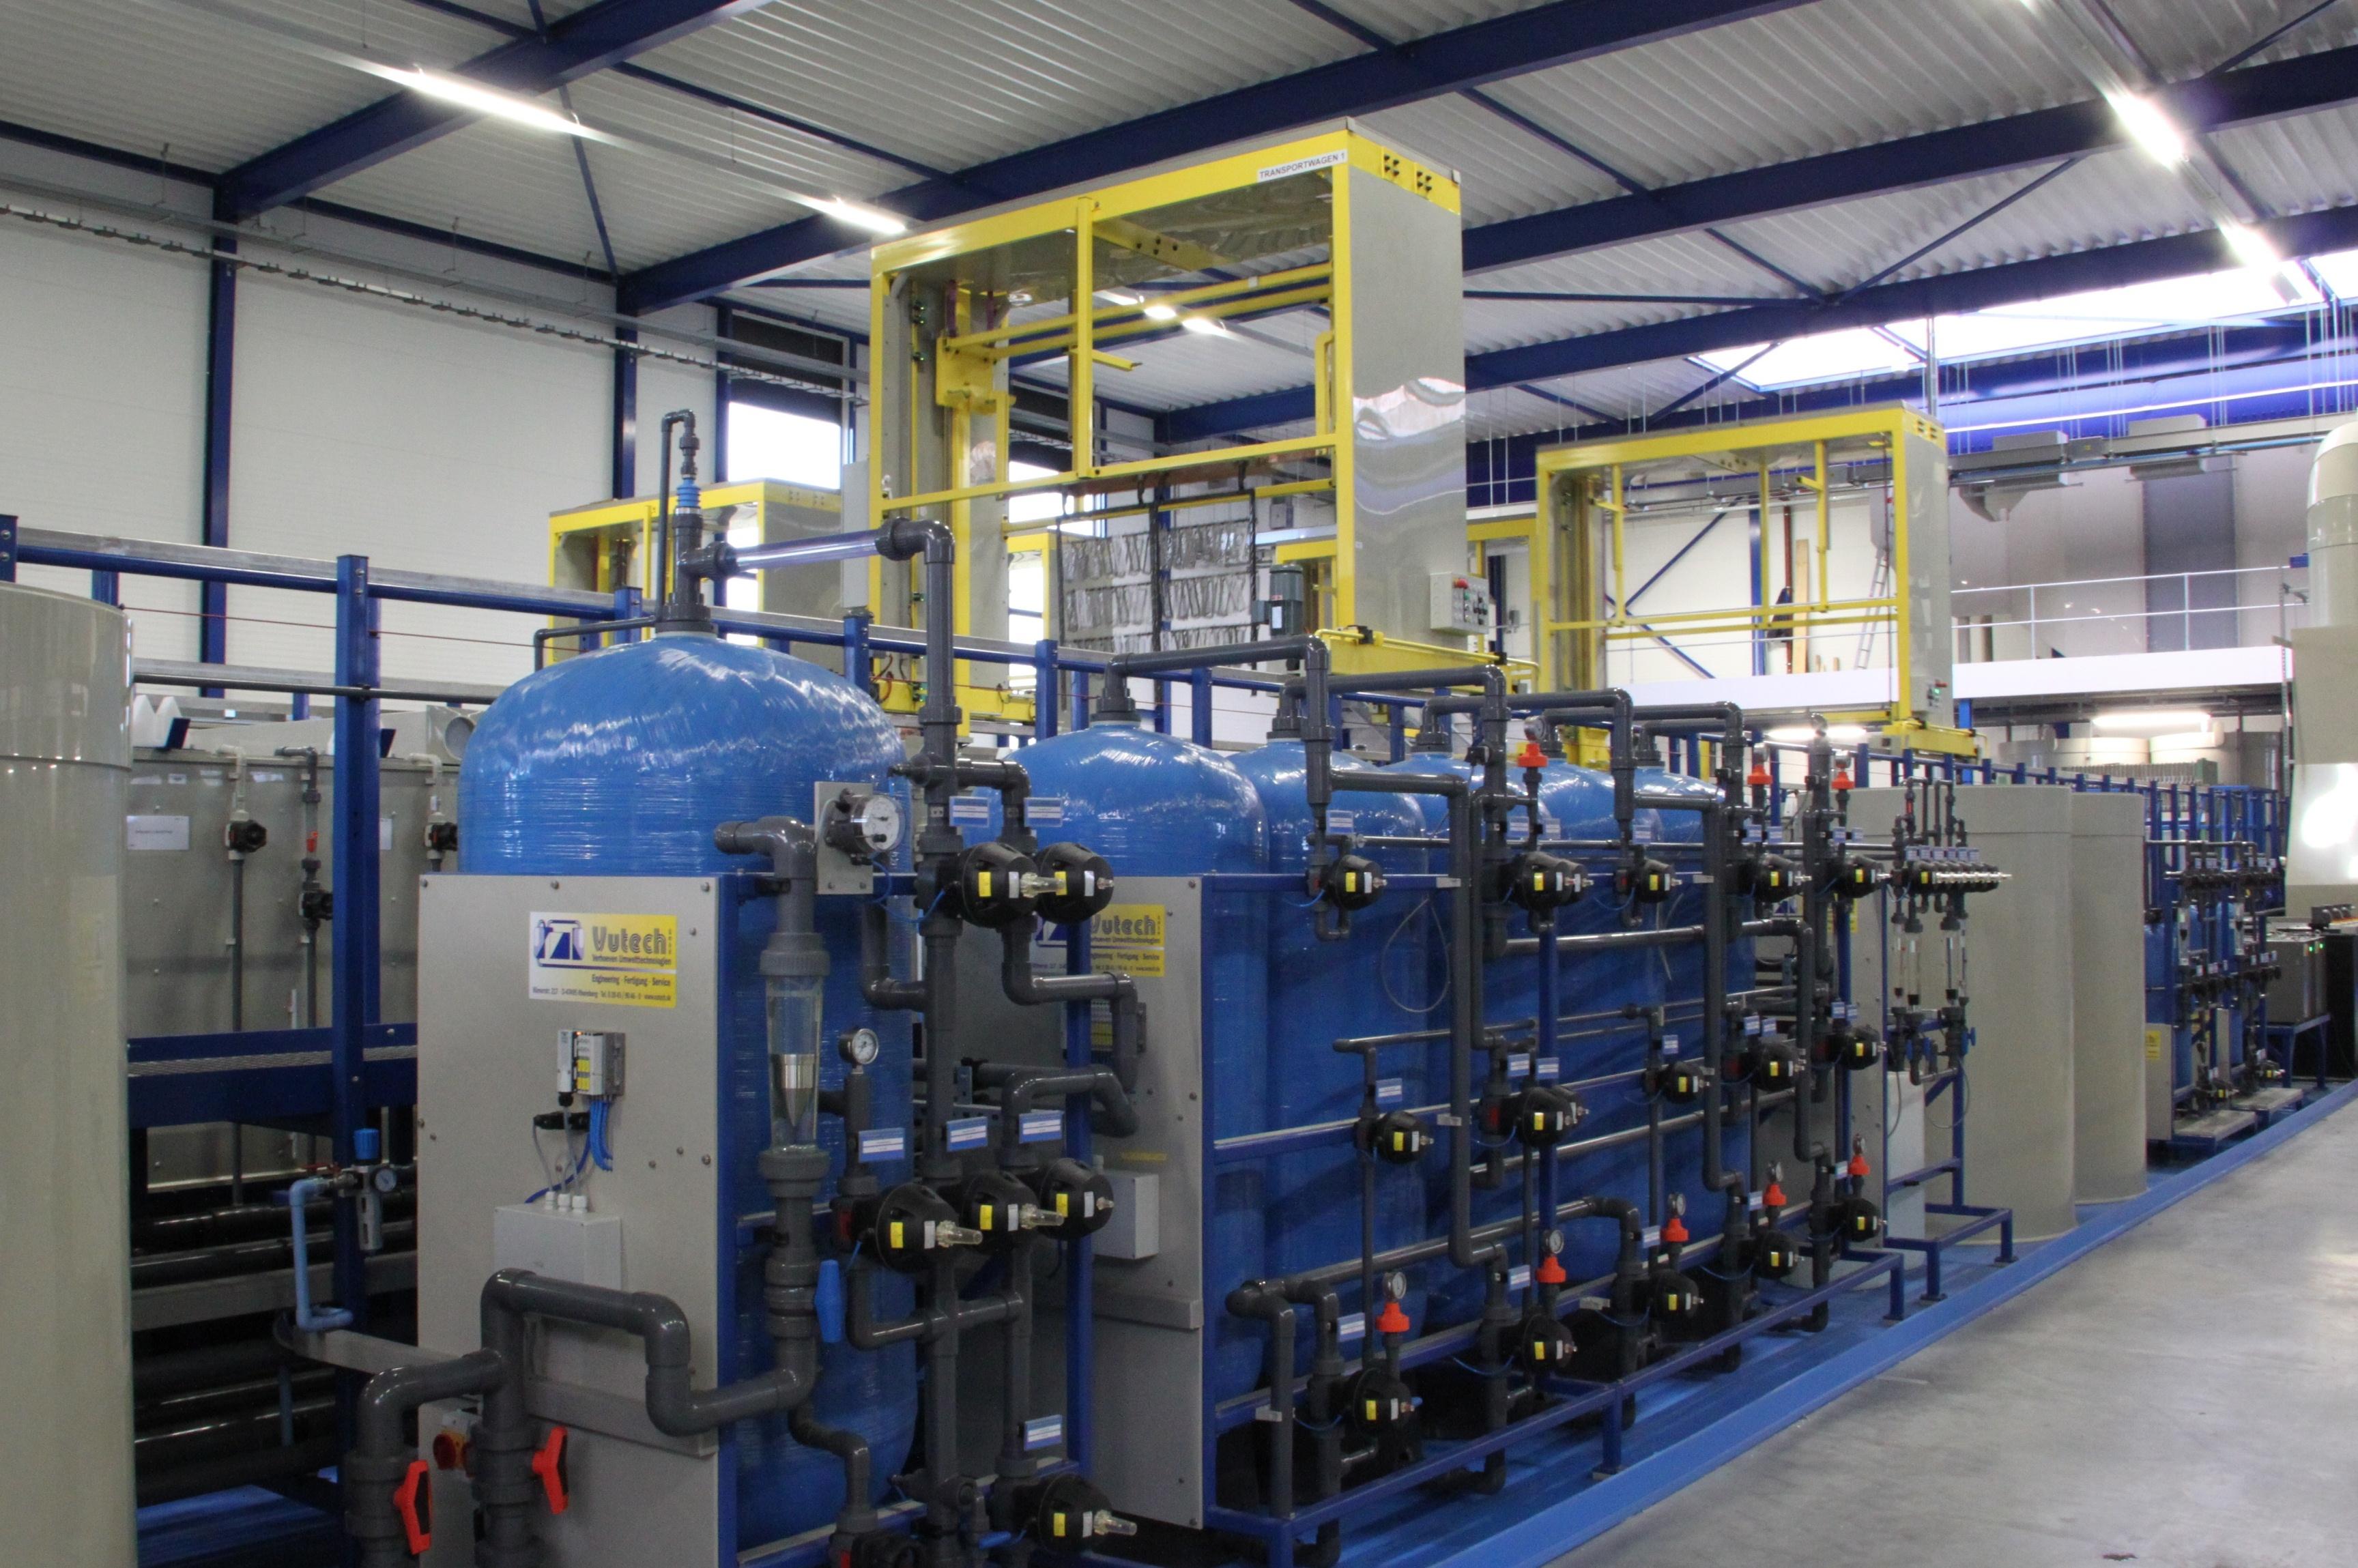 Ionenwisselaars, kringloopsysteem waterbehandeling